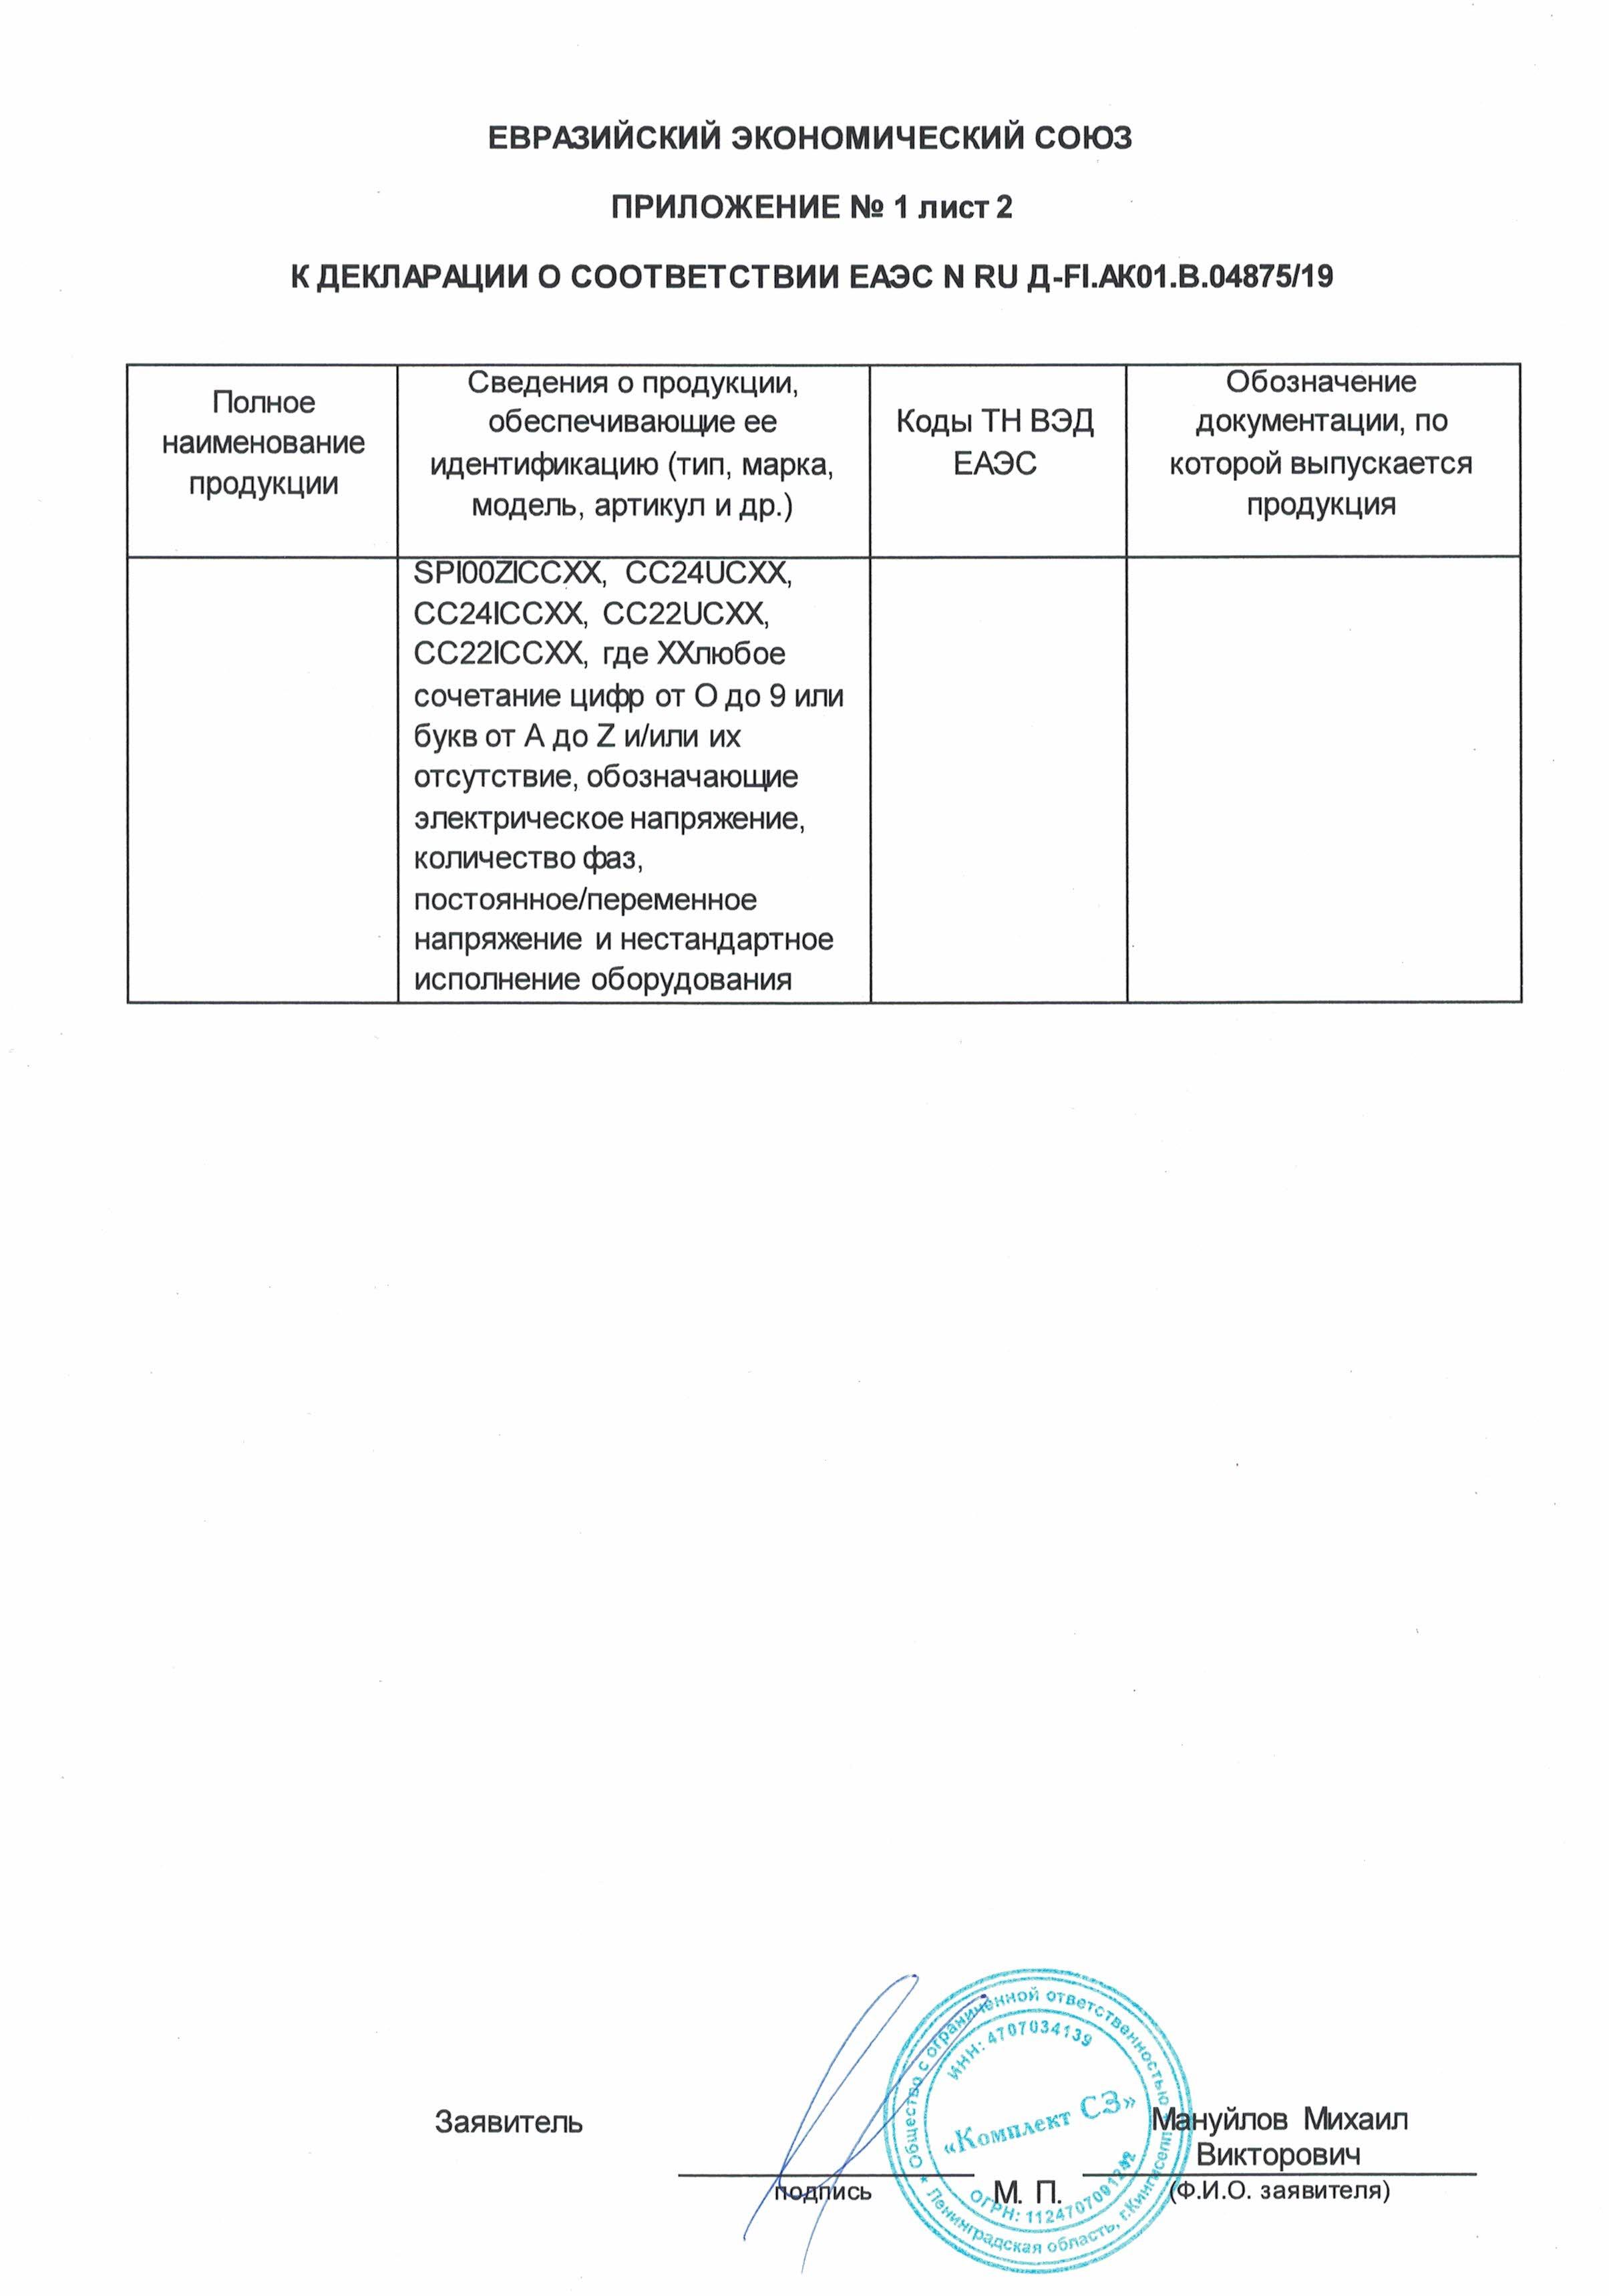 ПРИЛОЖЕНИЕ СЕРТИФИКАТ ОБОРУДОВАНИЕ FINN-POWER